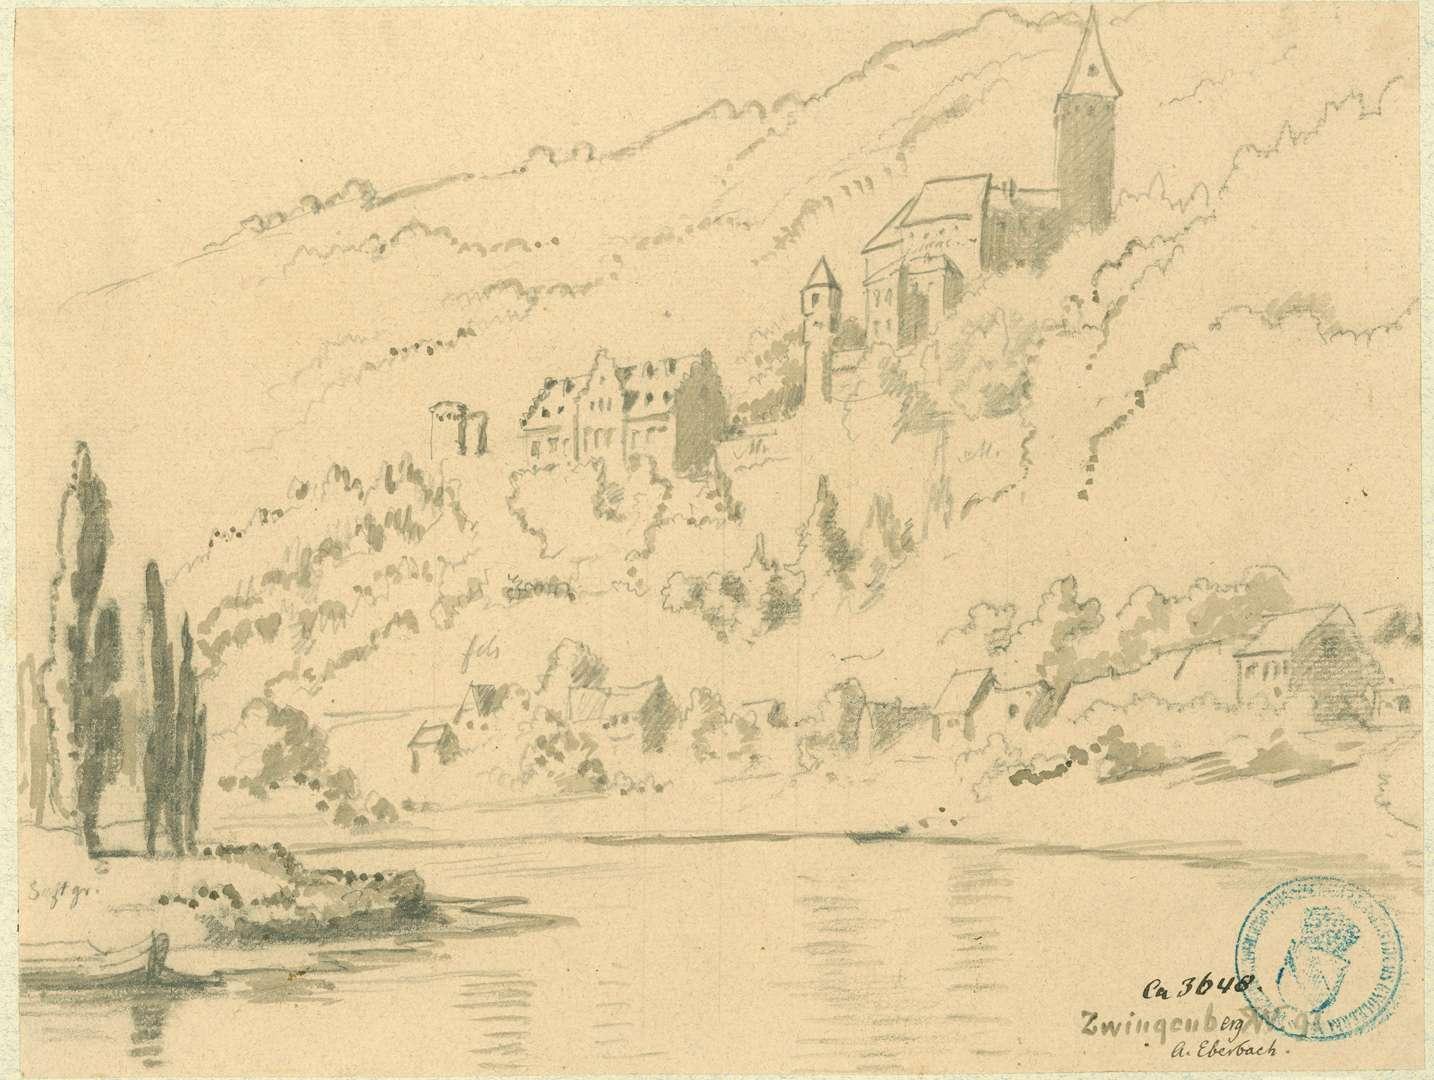 Zwingenberg Blick über den Neckar auf Stadt und Burg, Bild 1